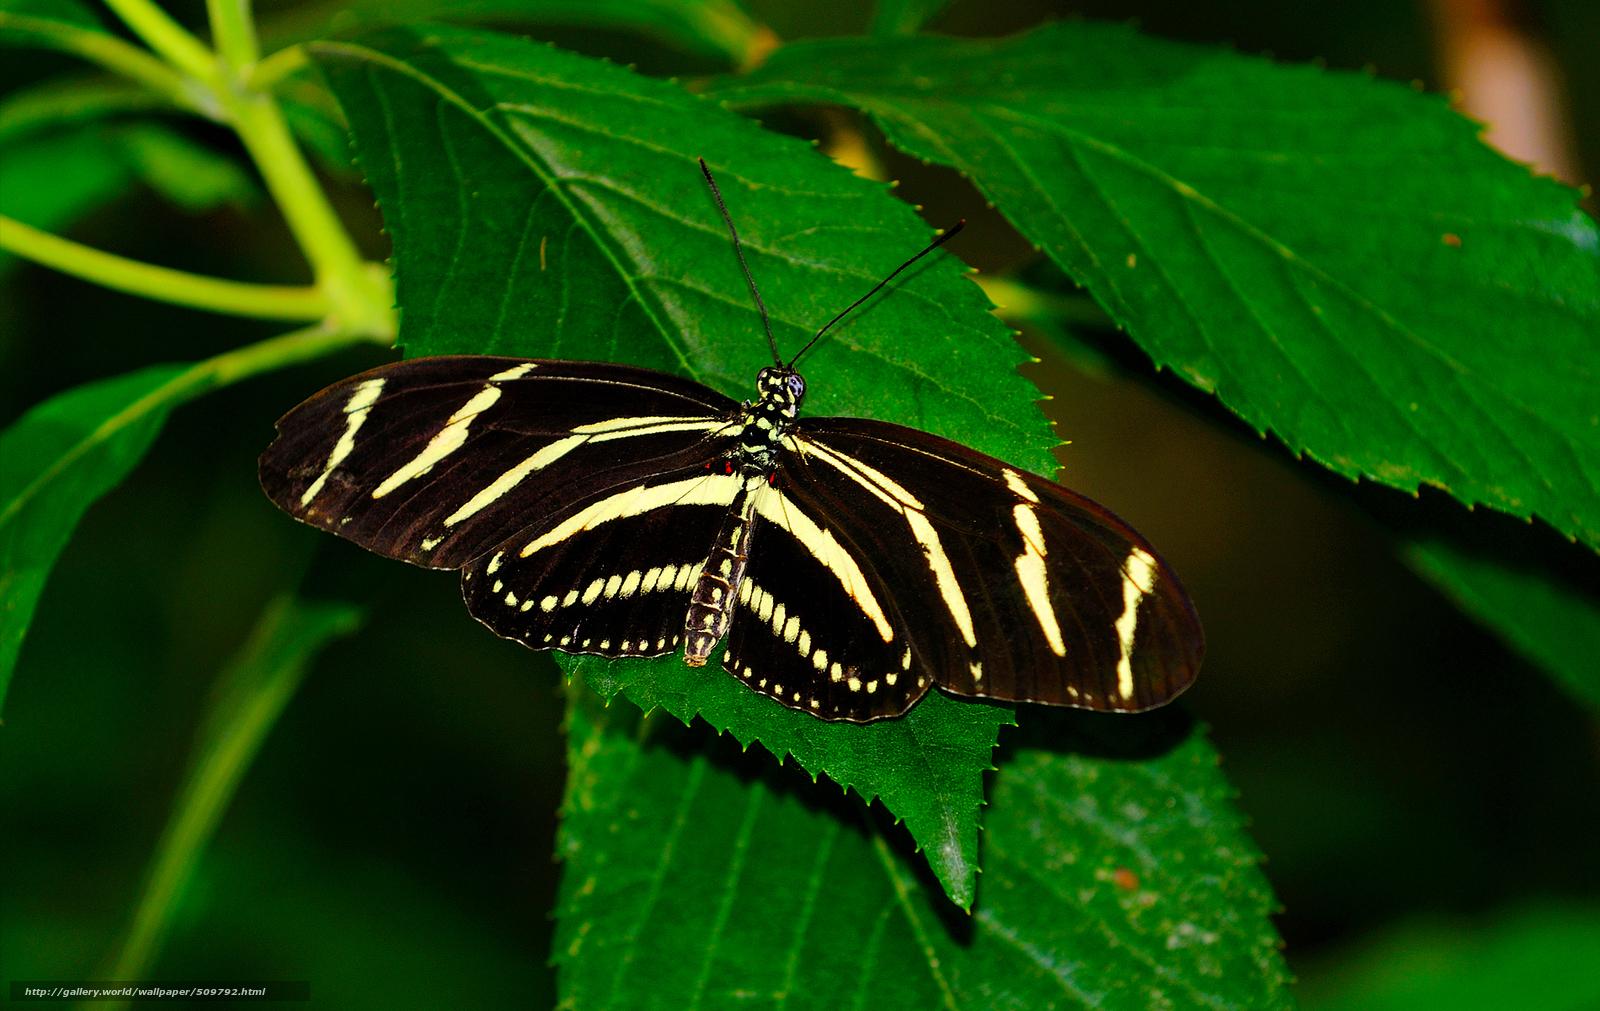 Скачать обои бабочка,  растения,  листья,  природа бесплатно для рабочего стола в разрешении 1900x1200 — картинка №509792